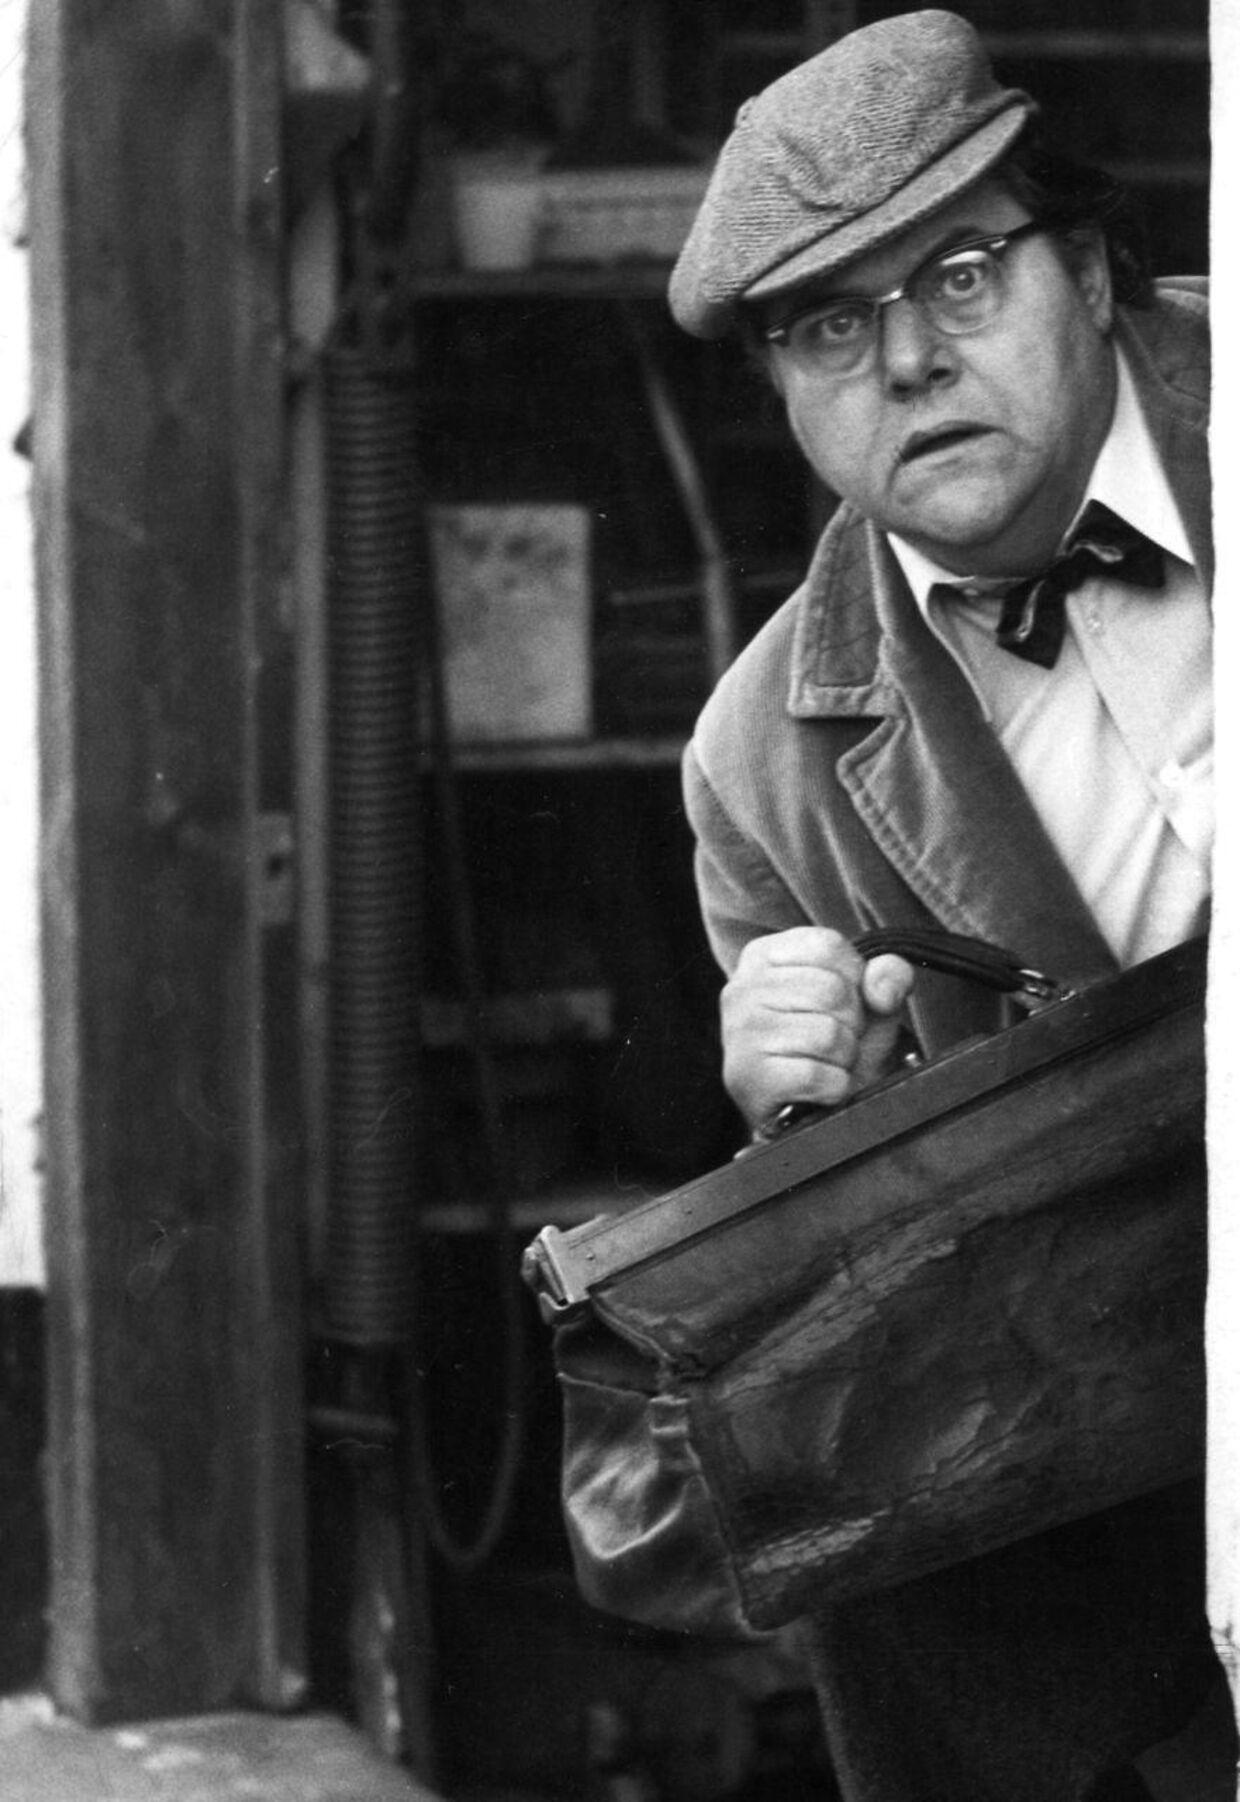 11c826685d1 Poul Bundgaard i den ikoniske rolle som Keld i Olsen Banden. Poul Bundgaard  i den ikoniske rolle som Keld i Olsen Banden.